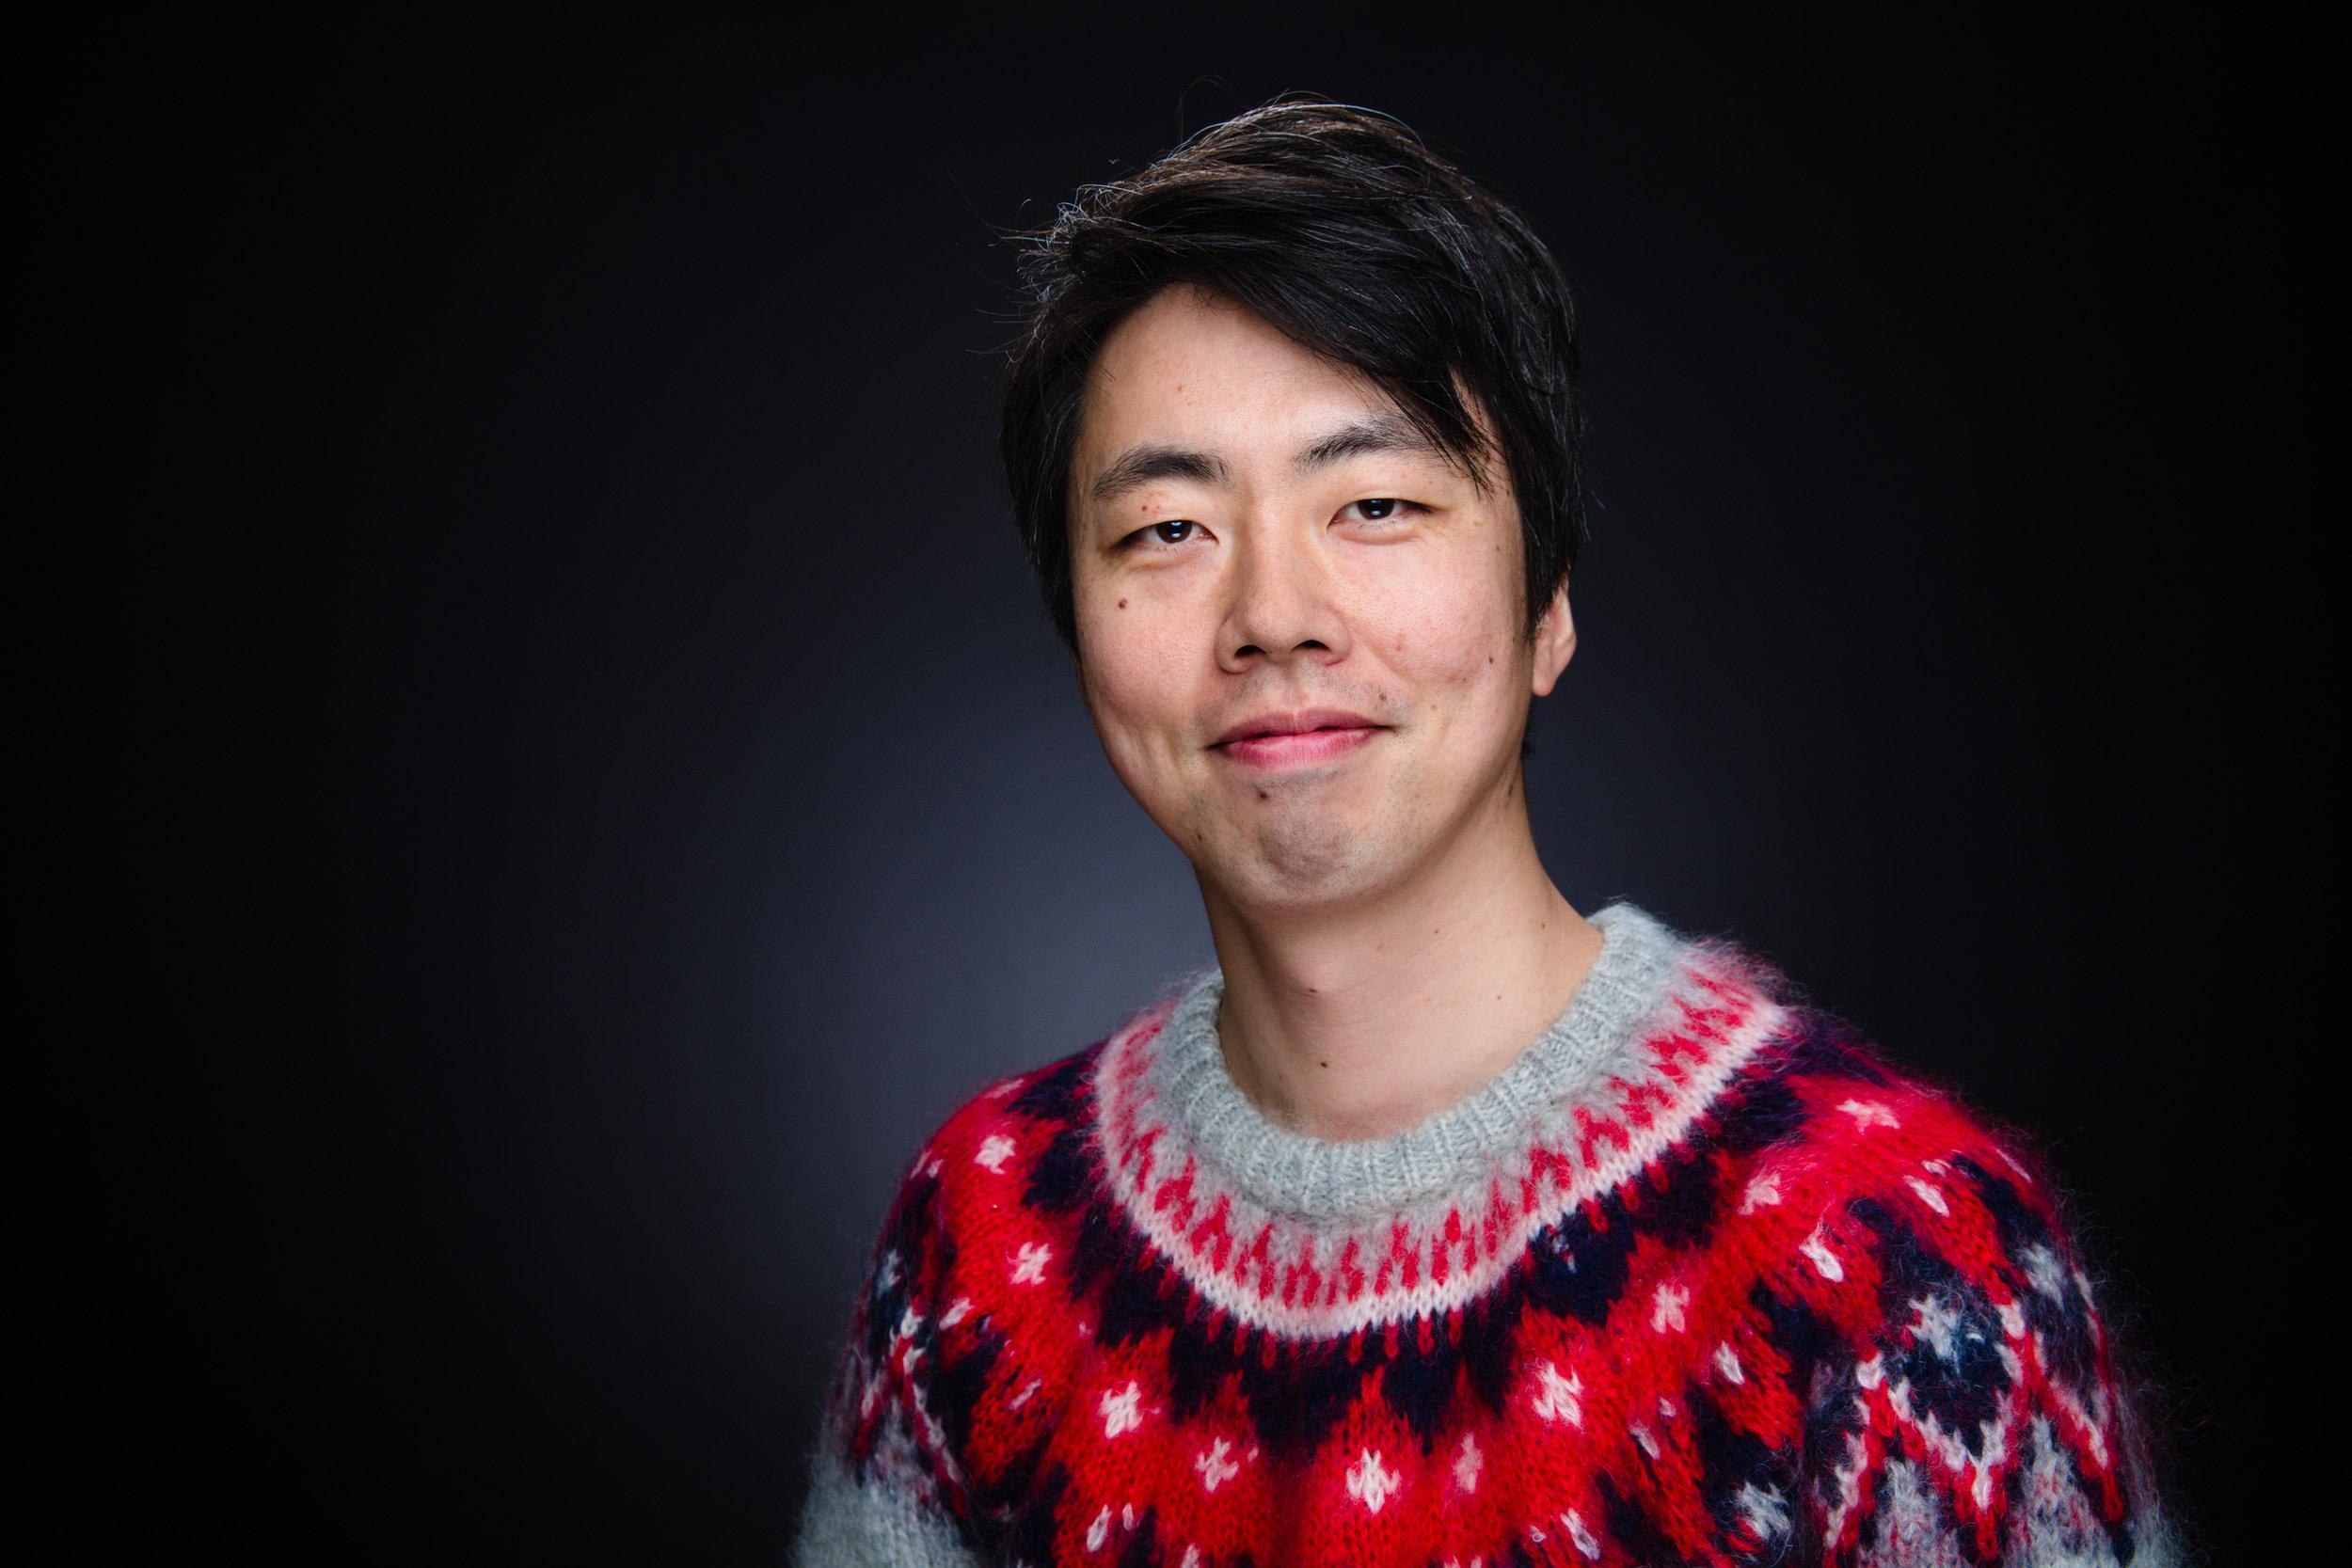 Ayahiko sato_Web.JPG